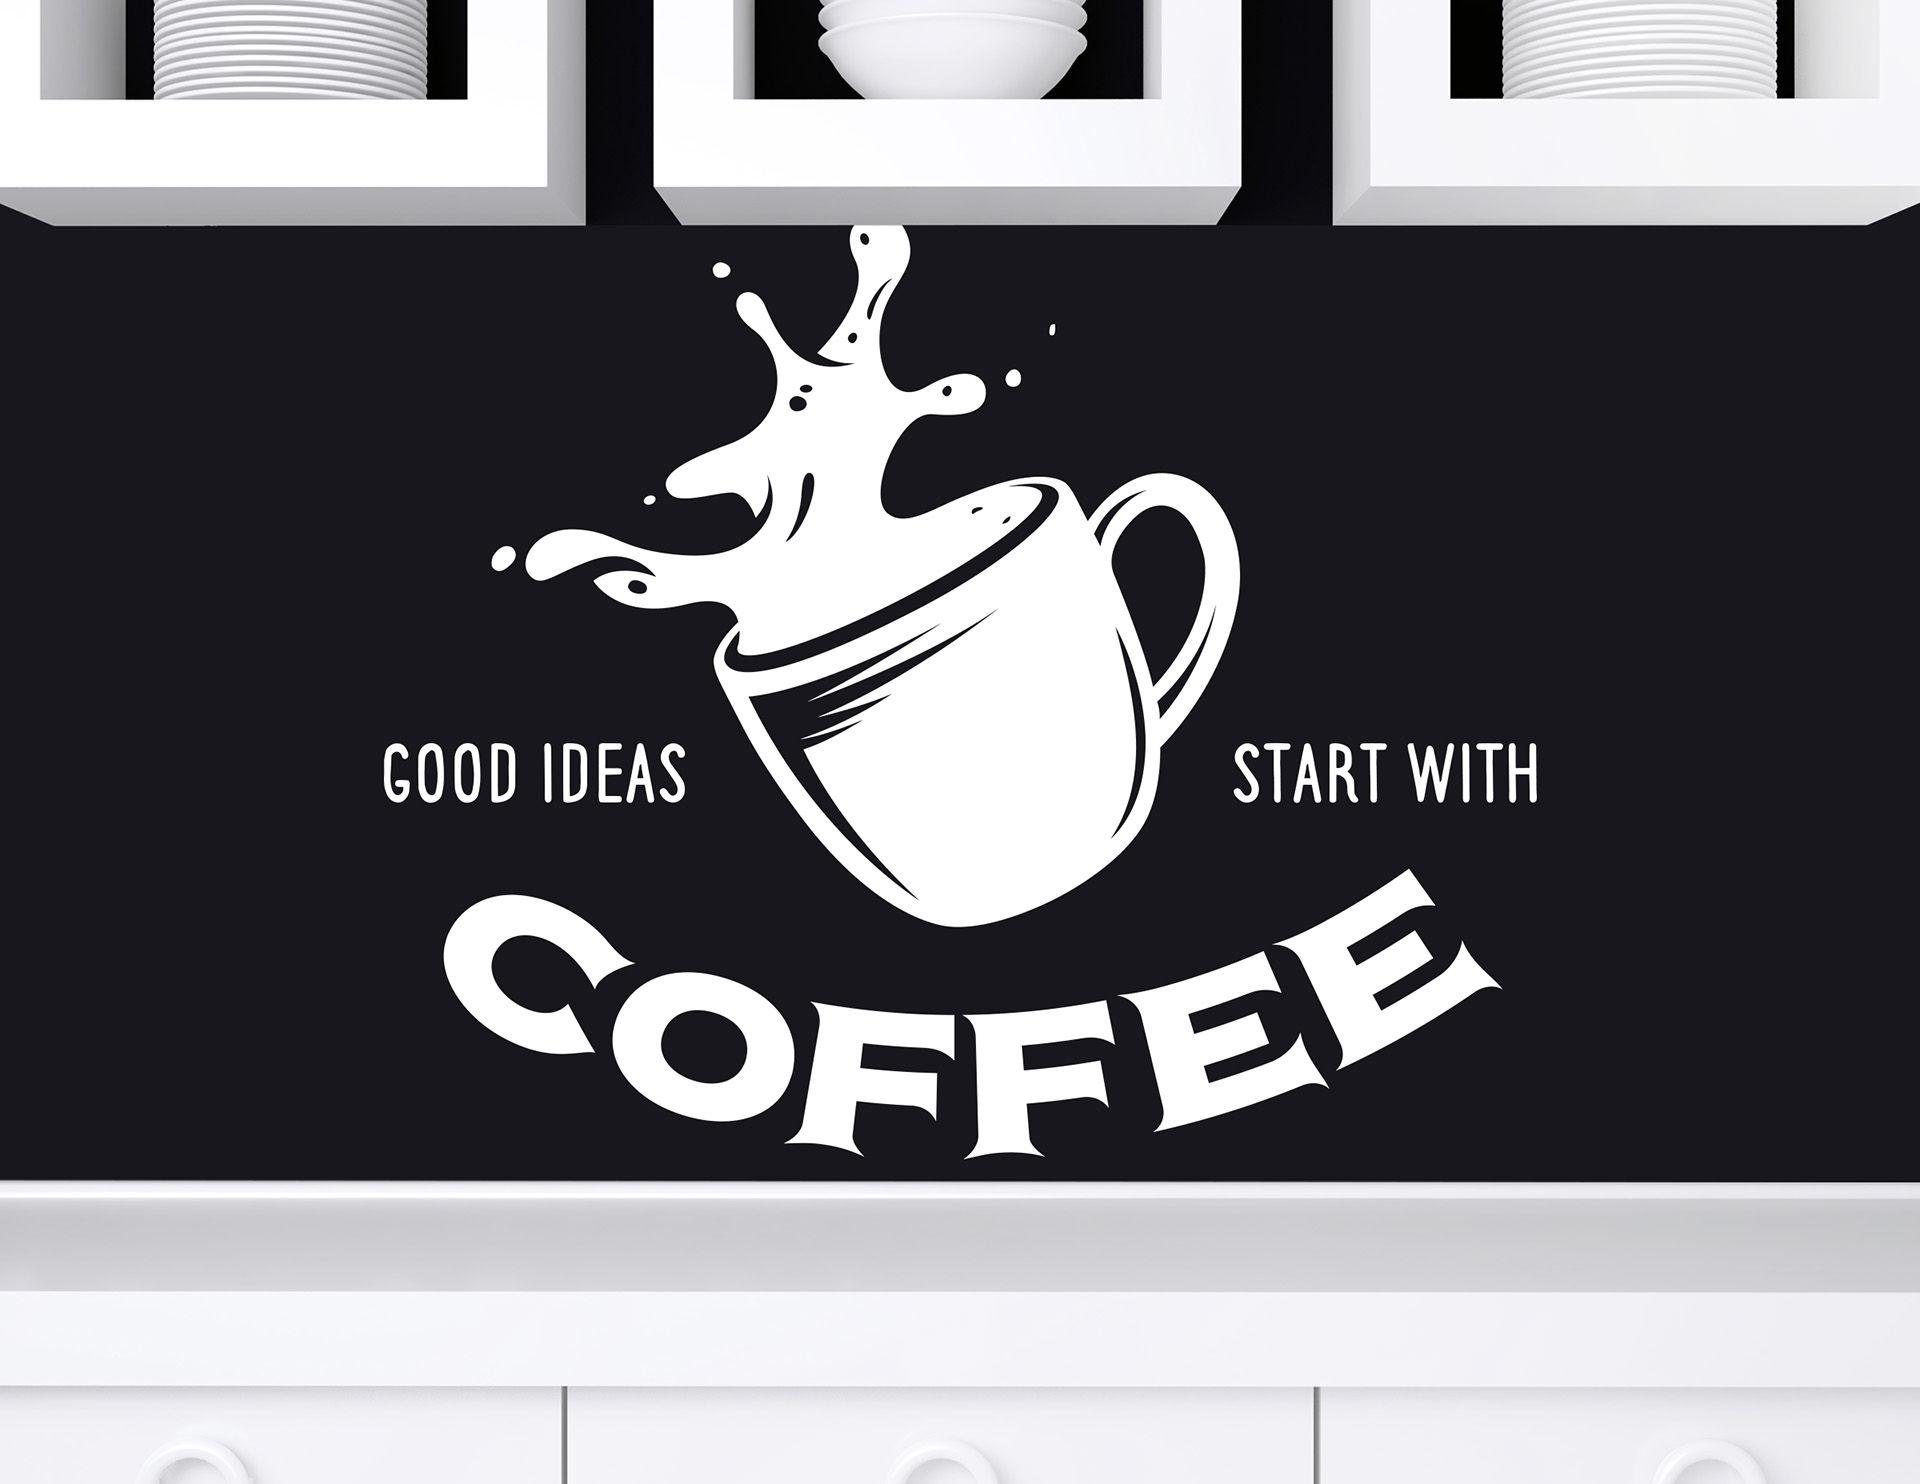 """Wandtattoo """"Start with Coffee"""" schafft Ideen"""